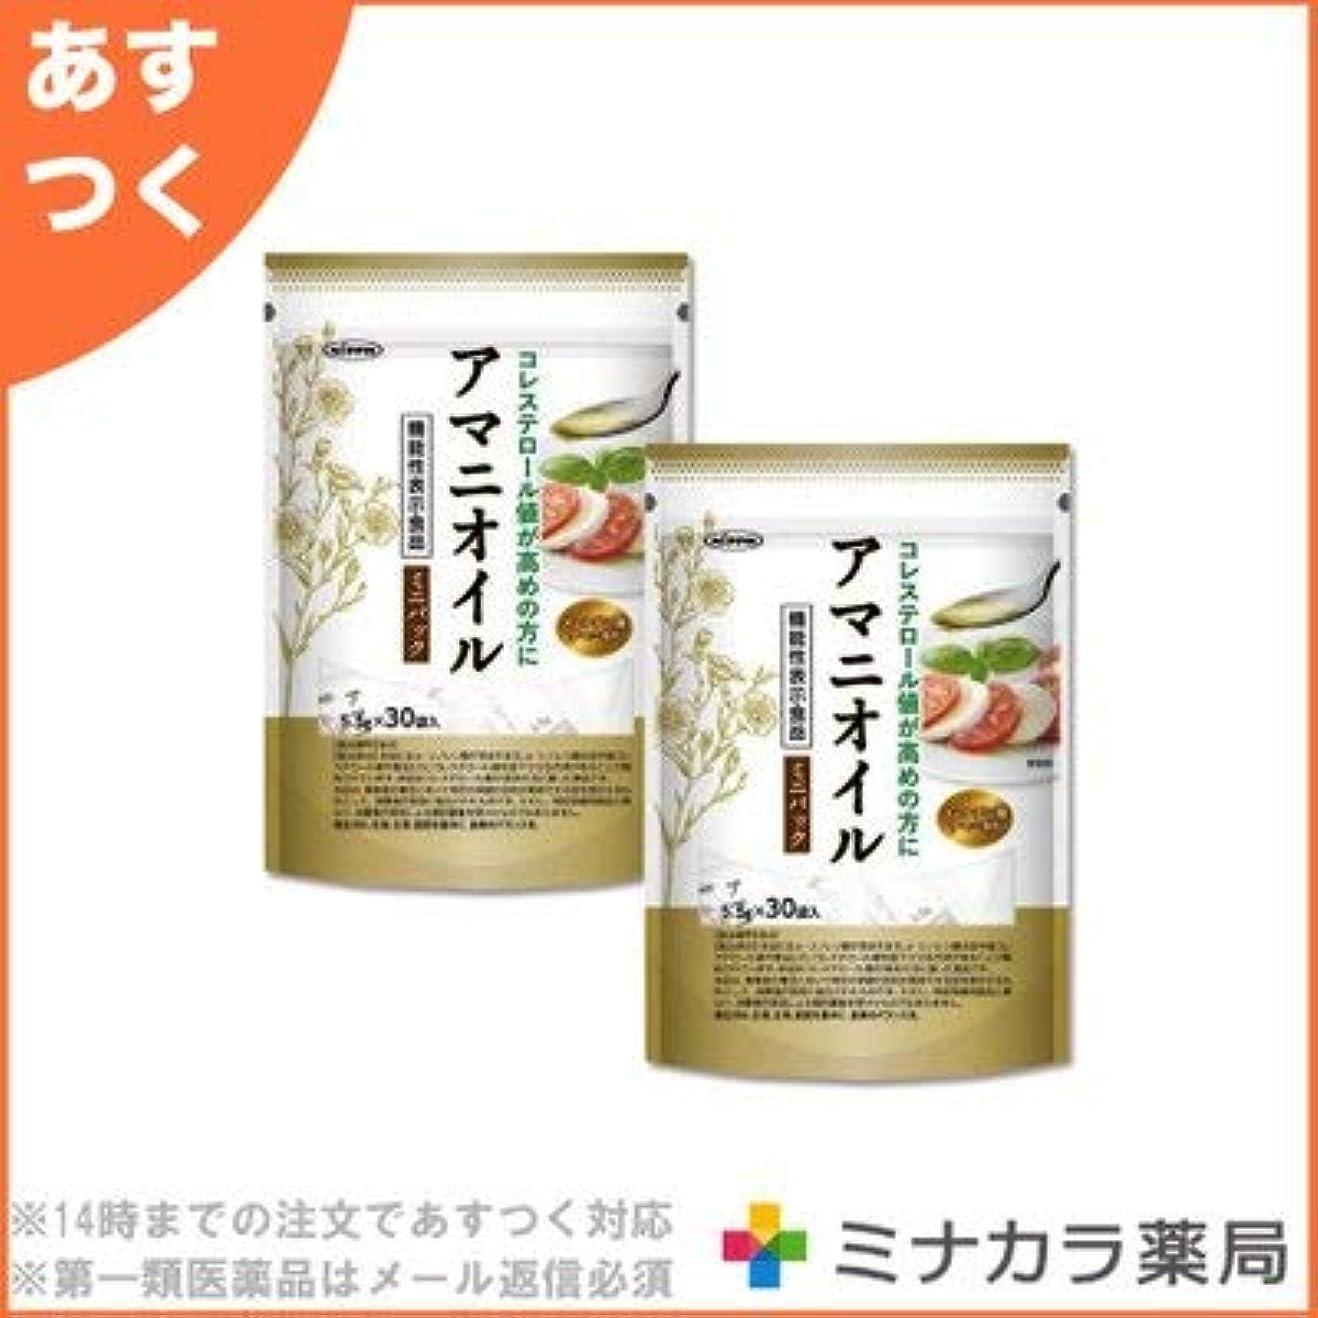 試験市民権刑務所日本製粉 アマニオイル ミニパック 5.5g×30 (機能性表示食品)×2個セット